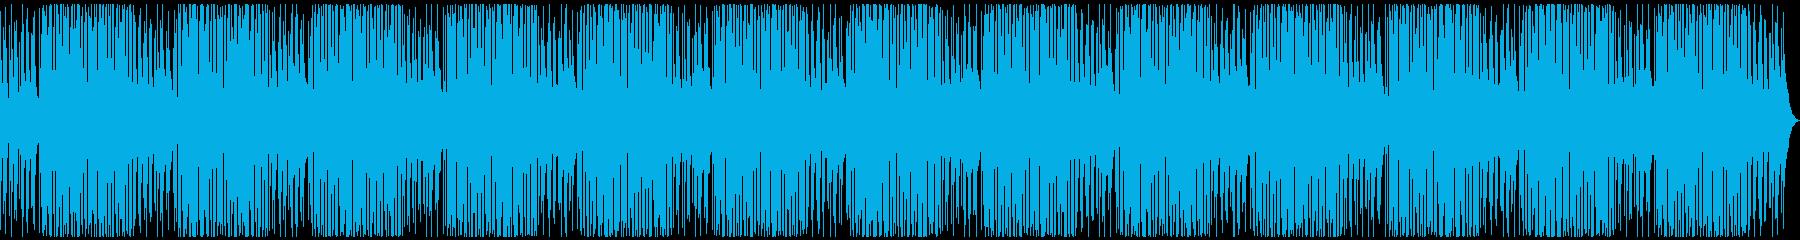 ローファイなチルアウトの再生済みの波形